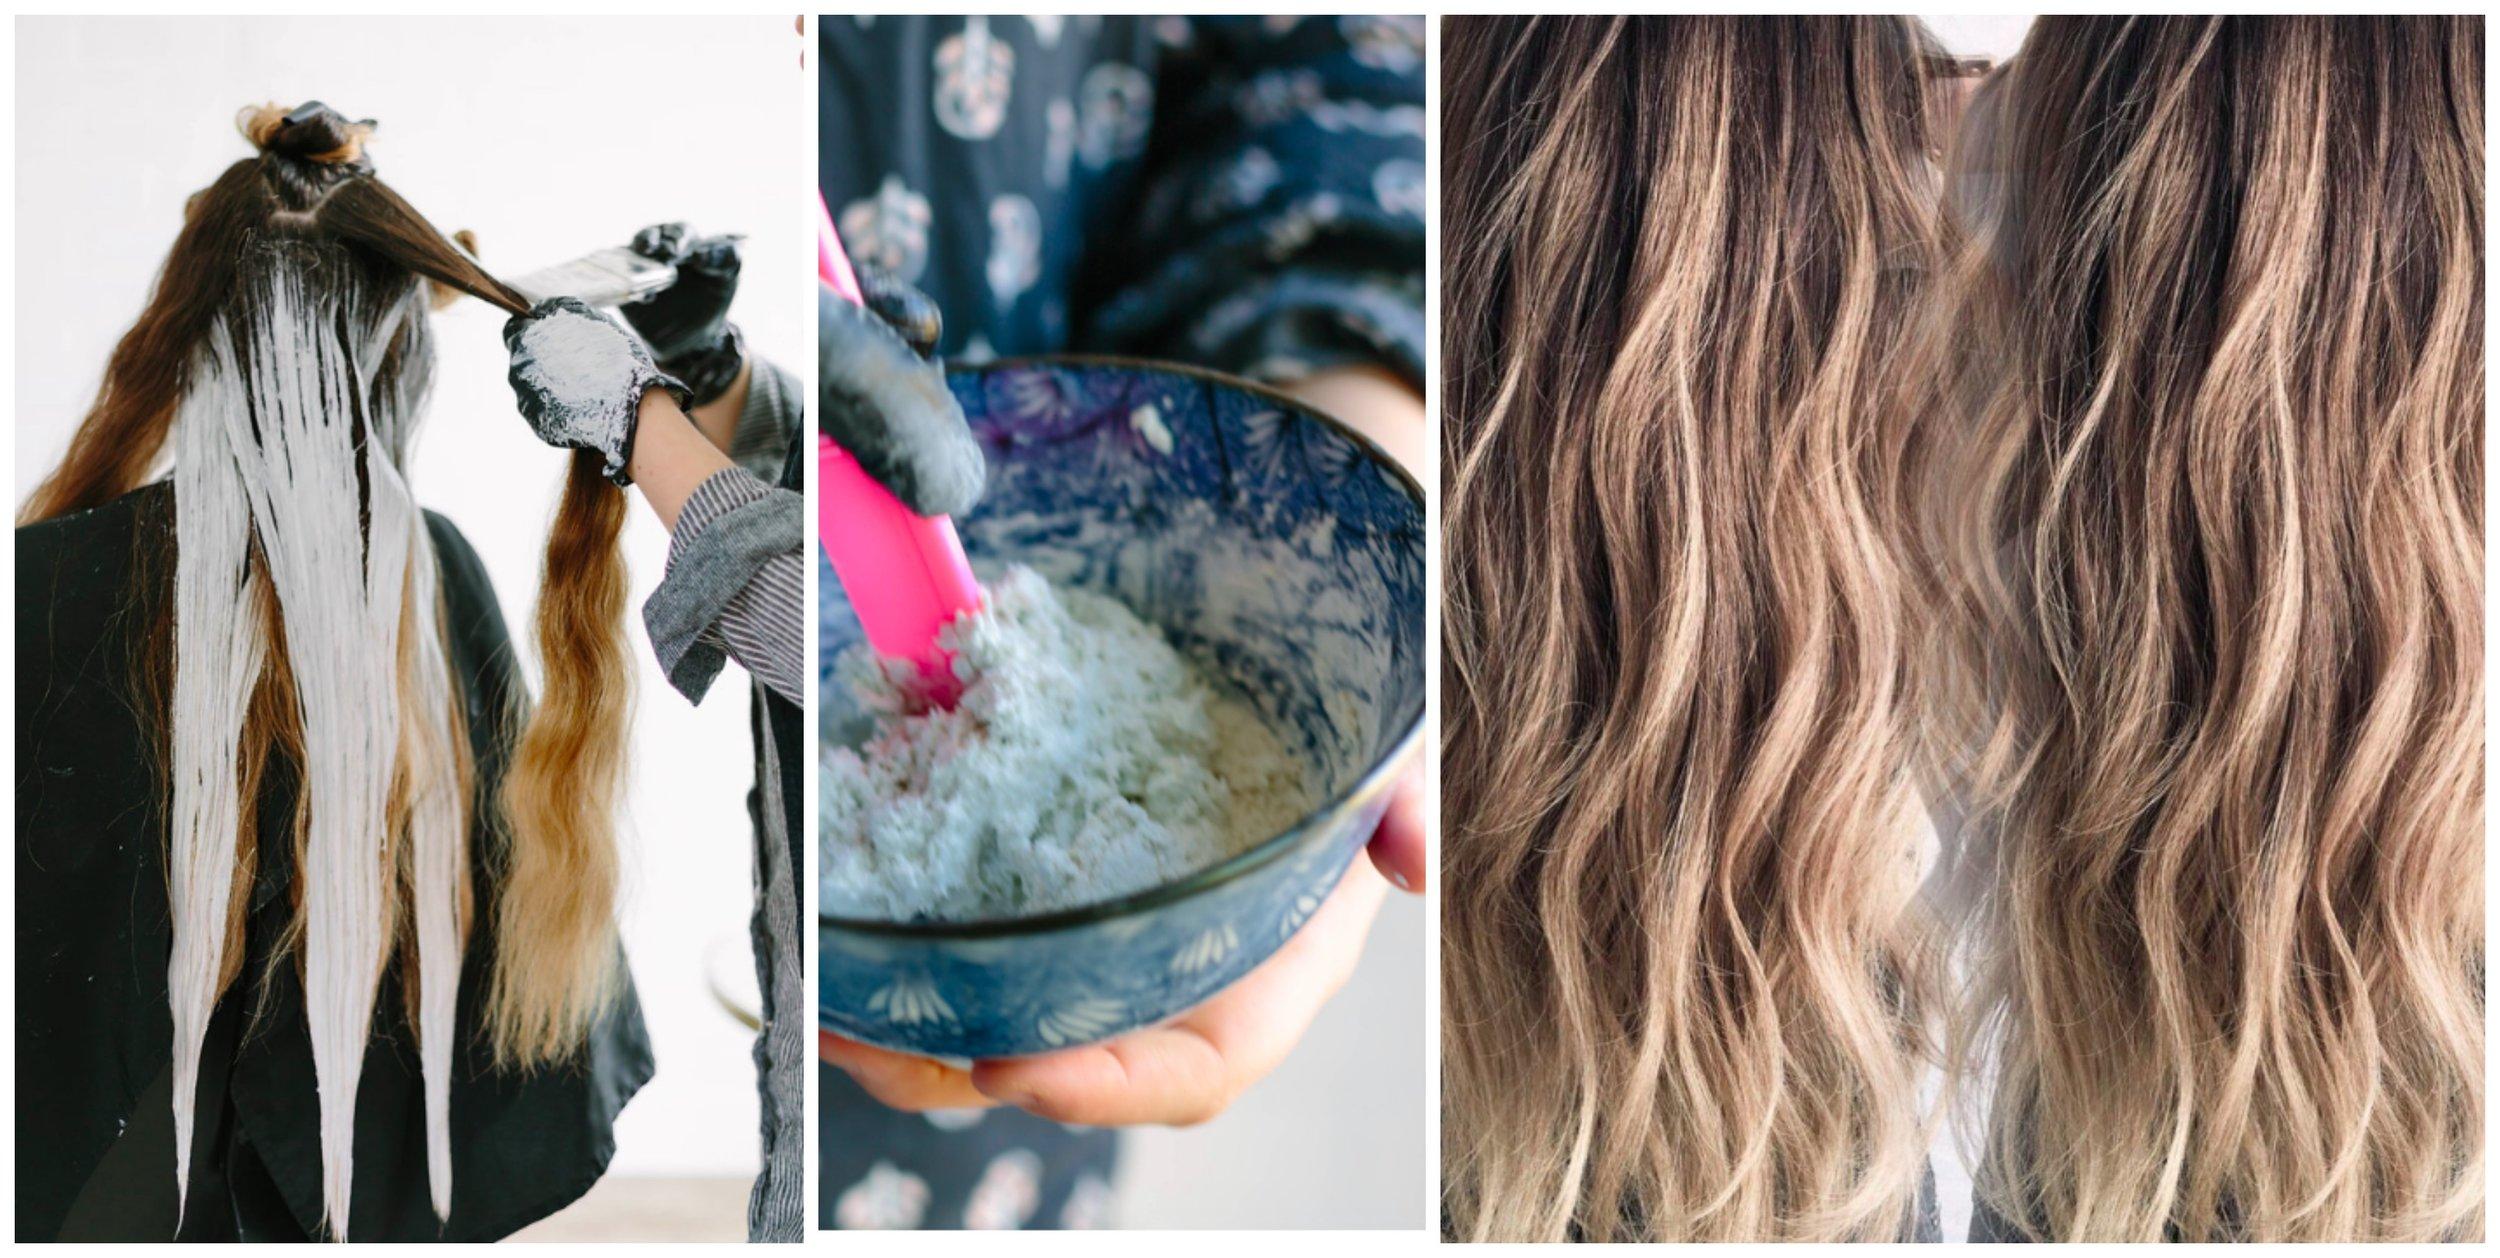 hairpaintingworkshop1.jpg